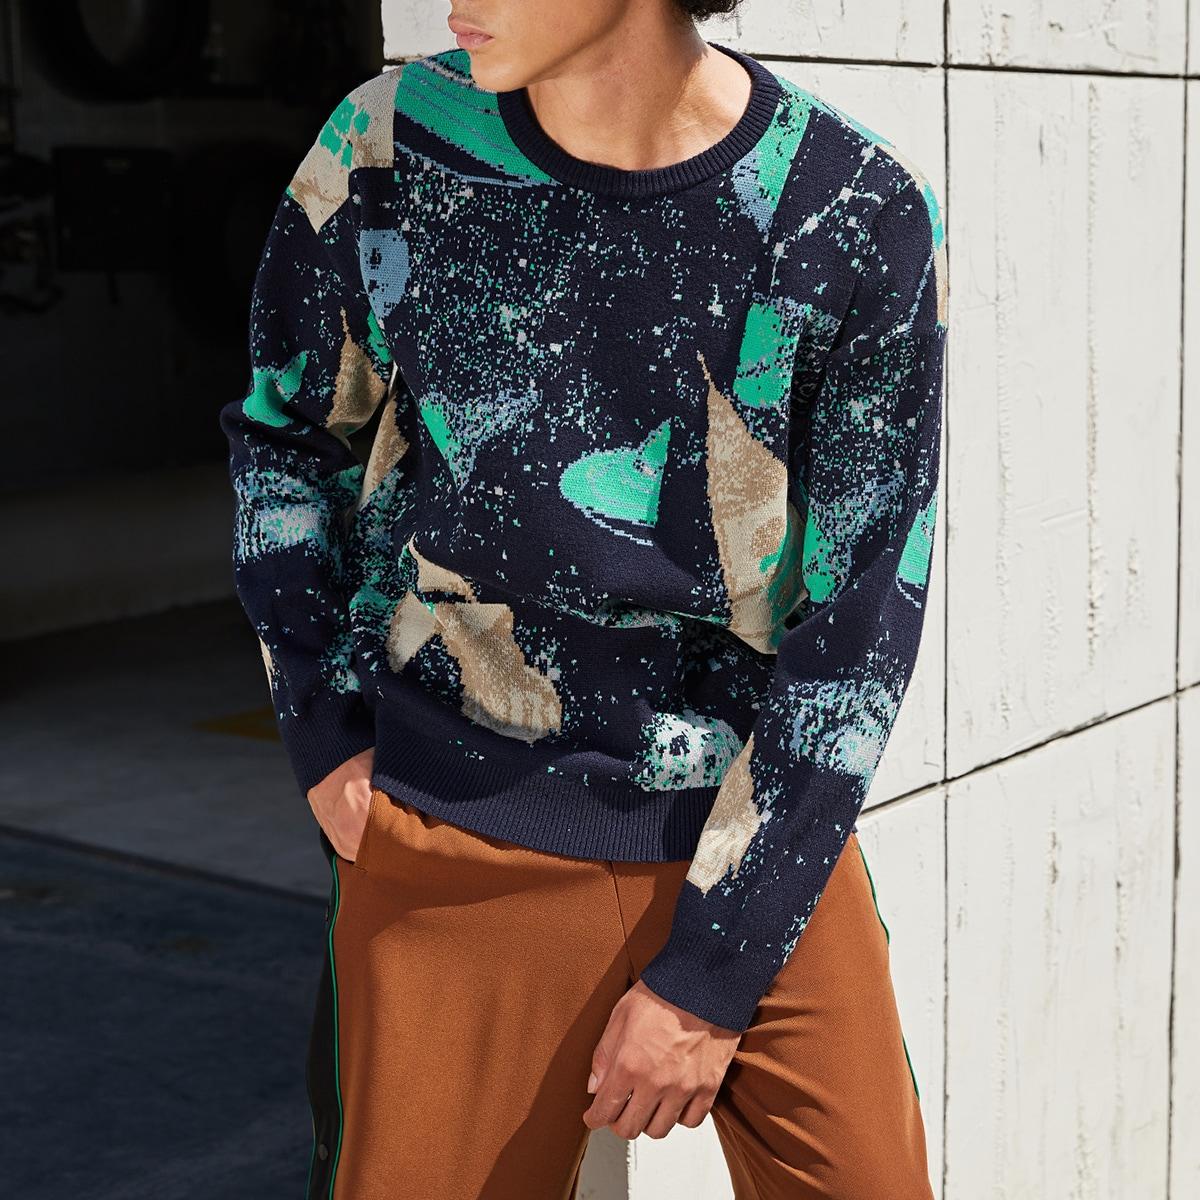 Мужской свитер с заниженным плечом с графическим узором